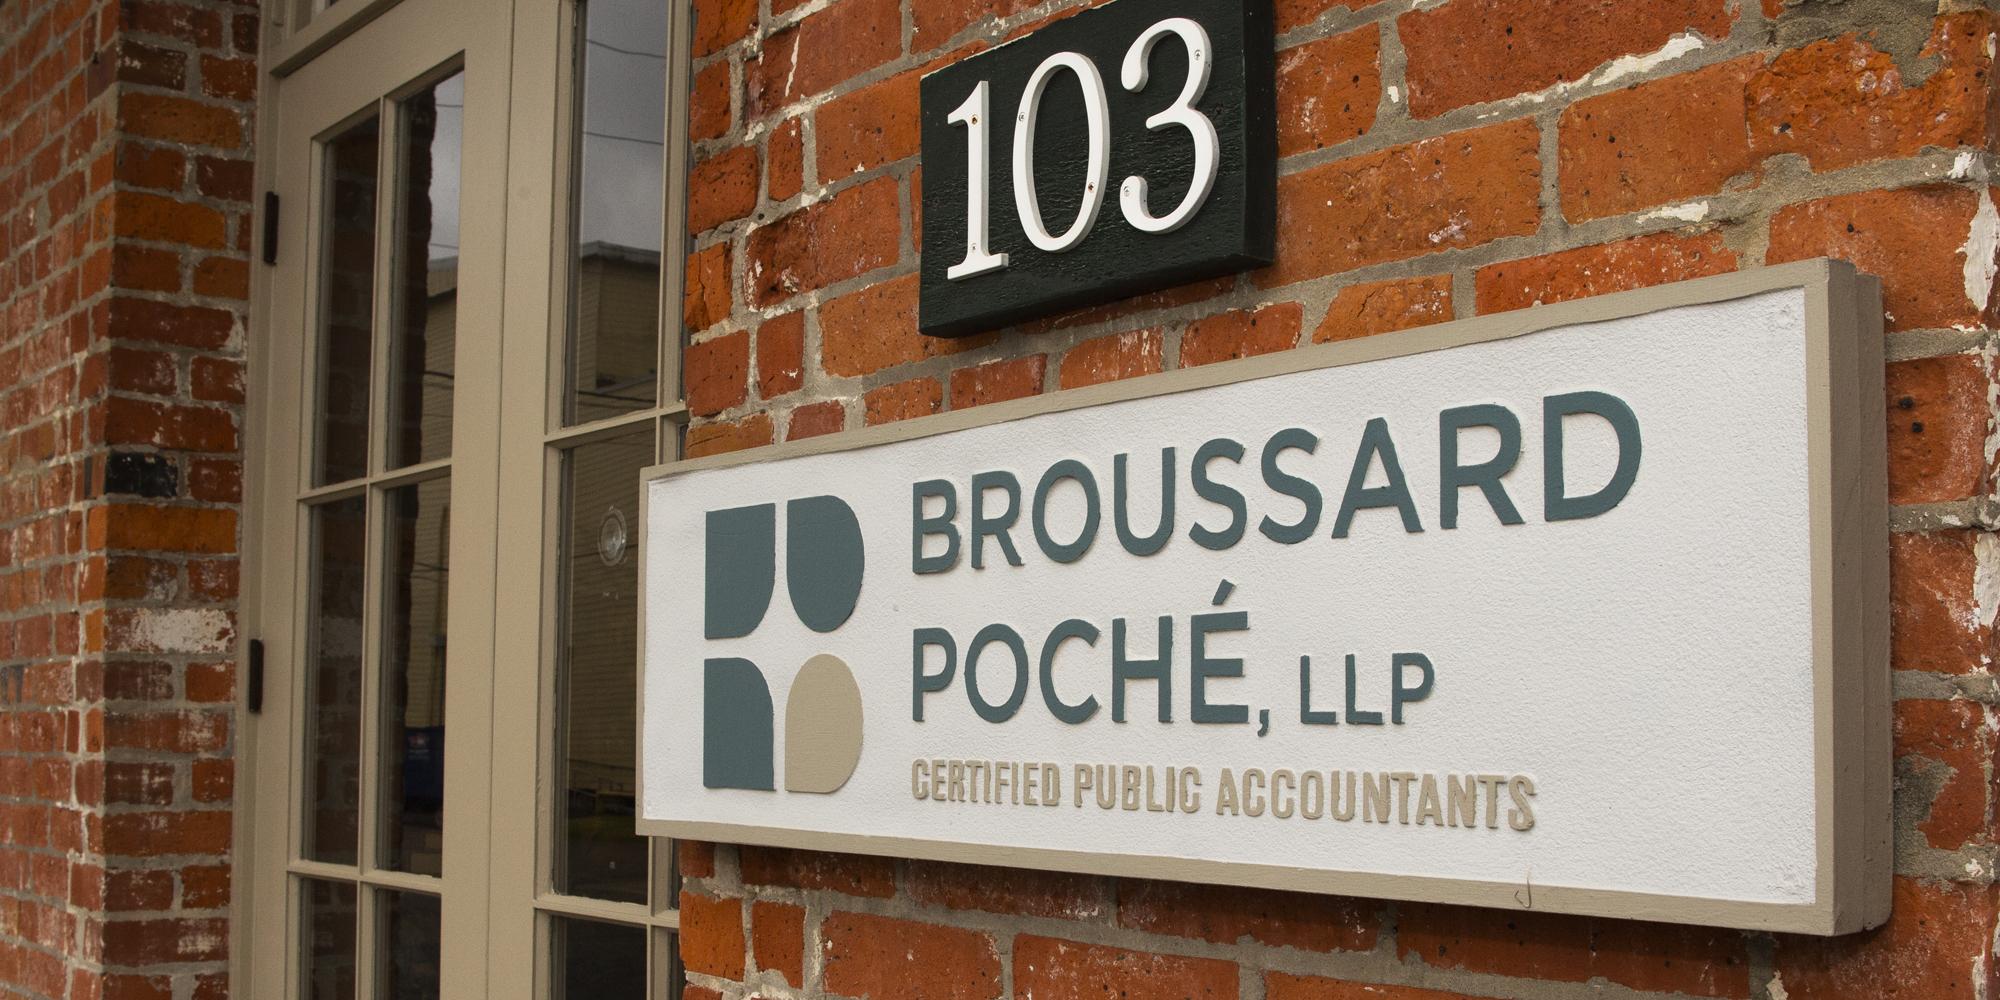 broussard-poche-2019-007